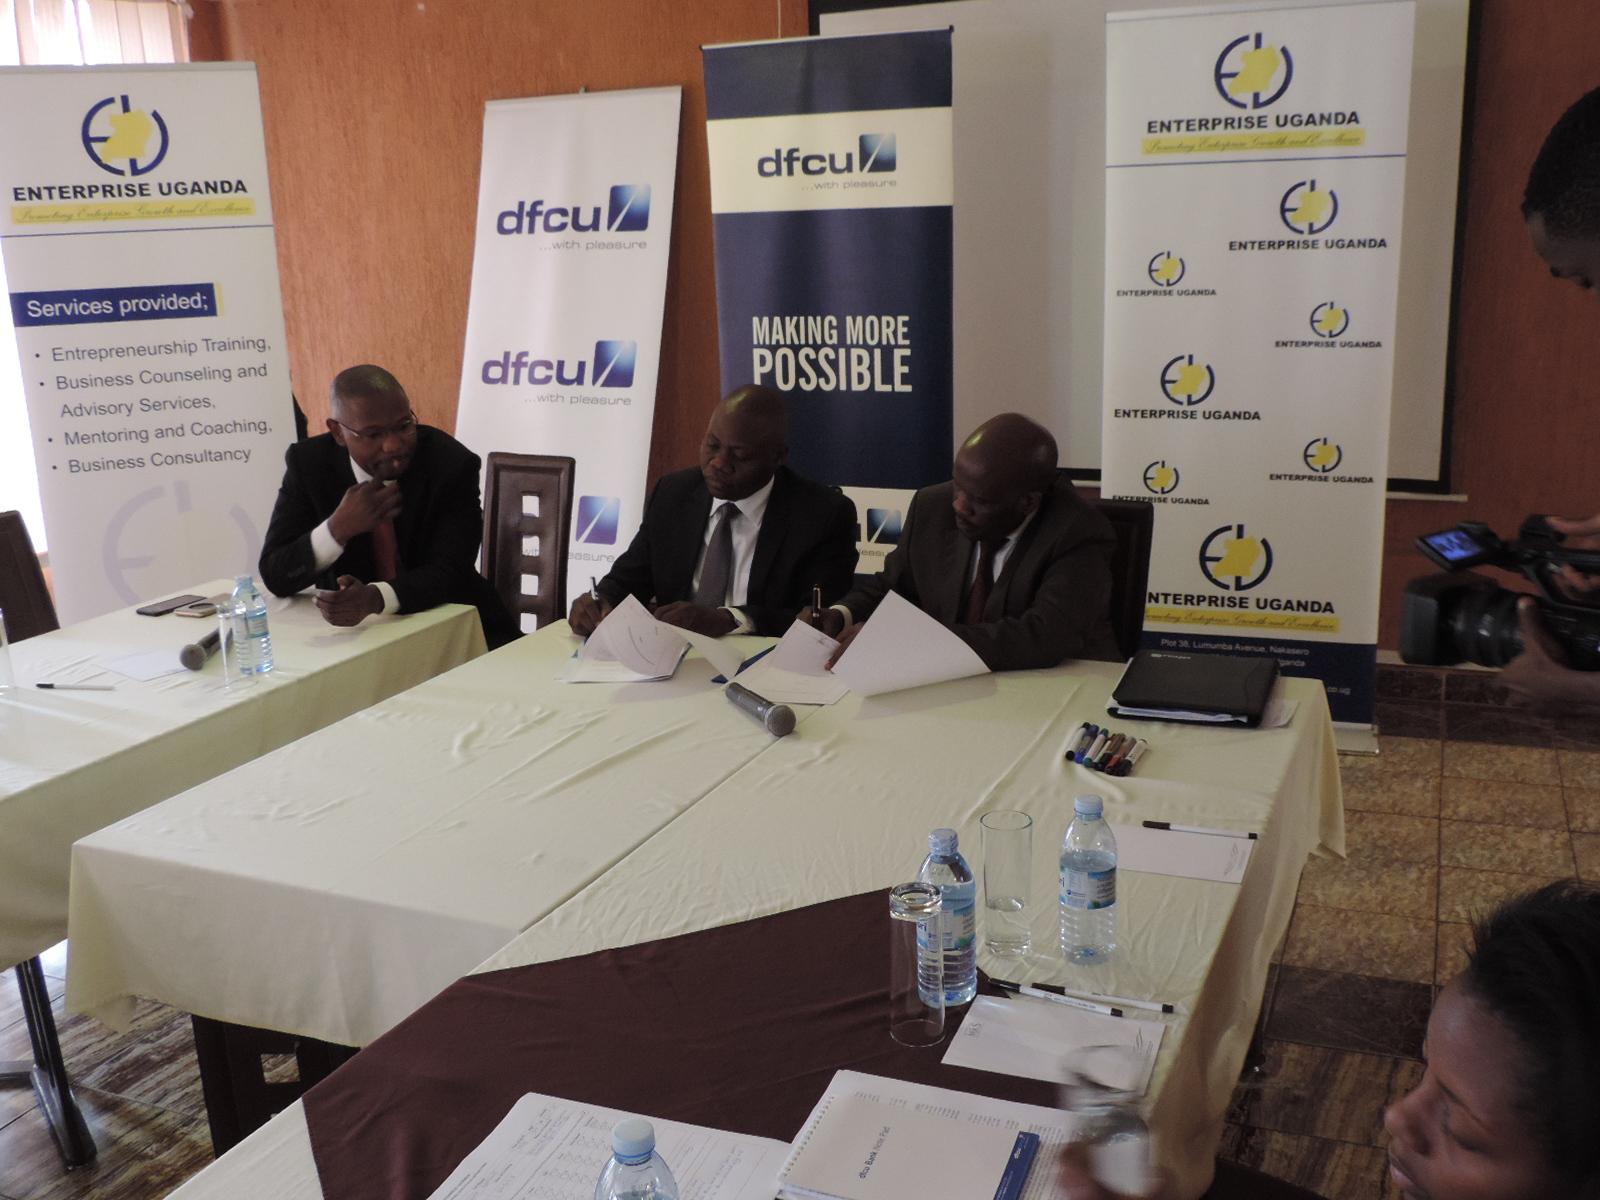 dfcu and Enterprise Uganda officials address the press